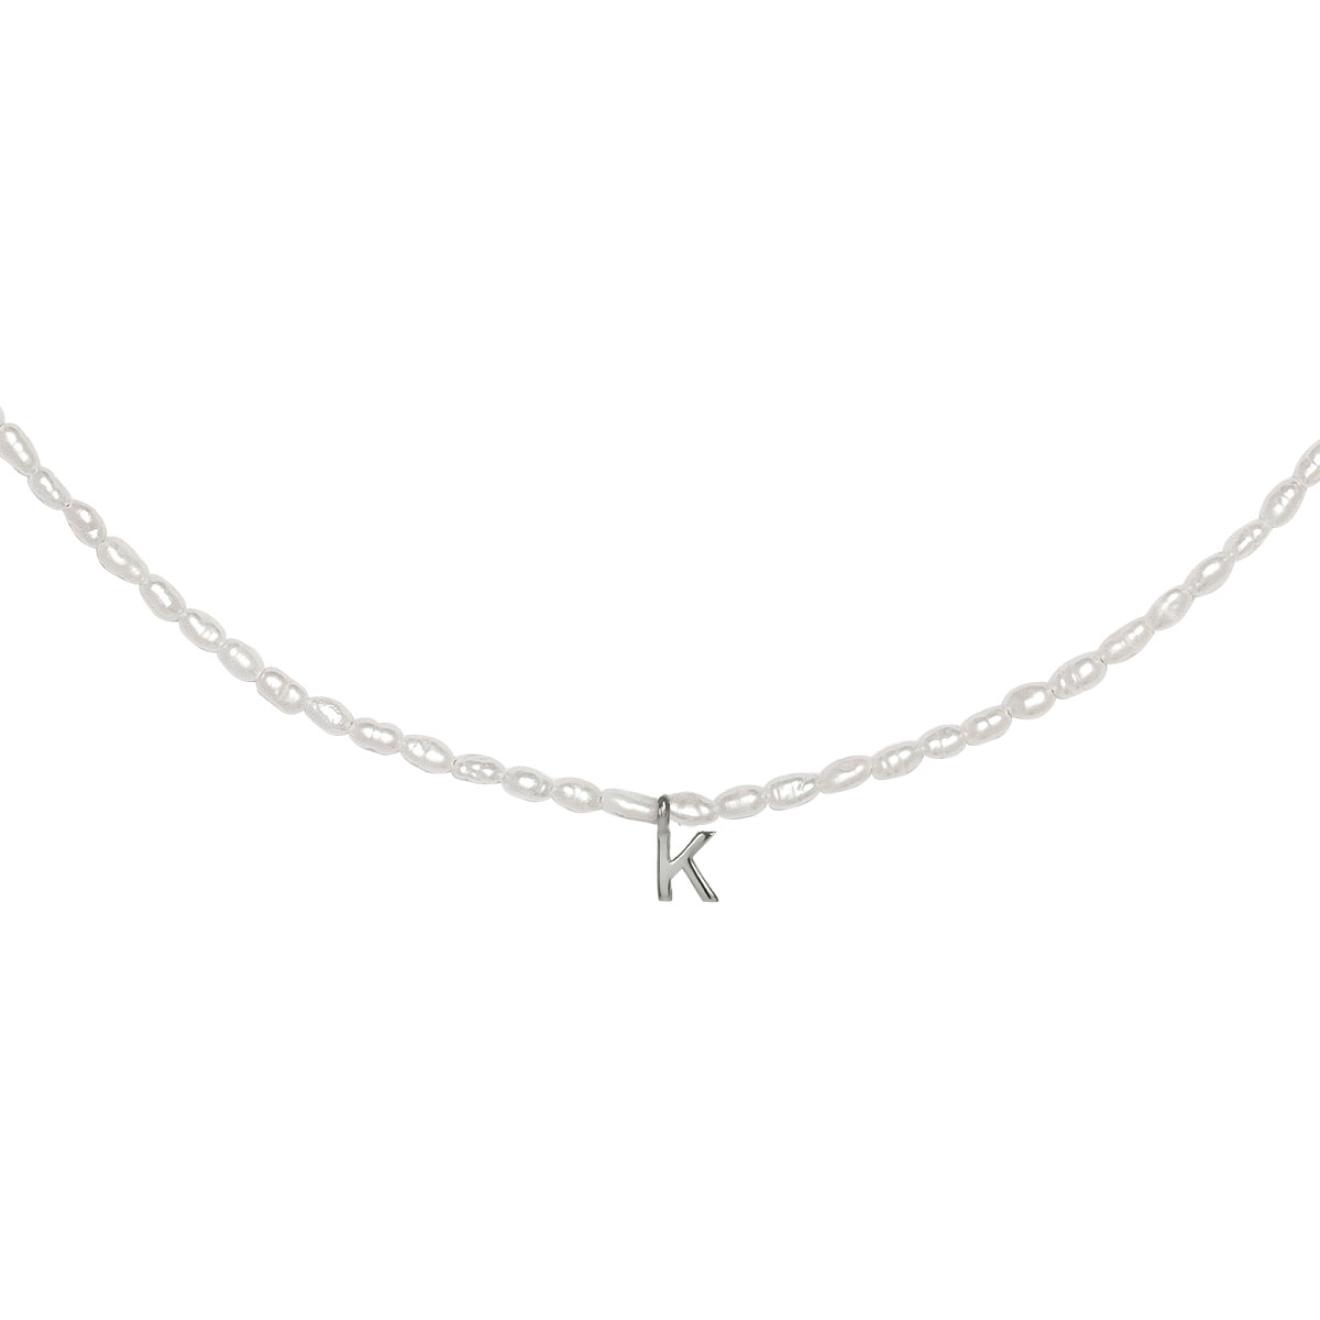 Фото - Ringstone Жемчужное ожерелье из серебра с буквой K ringstone жемчужное ожерелье с буквой s ringstone